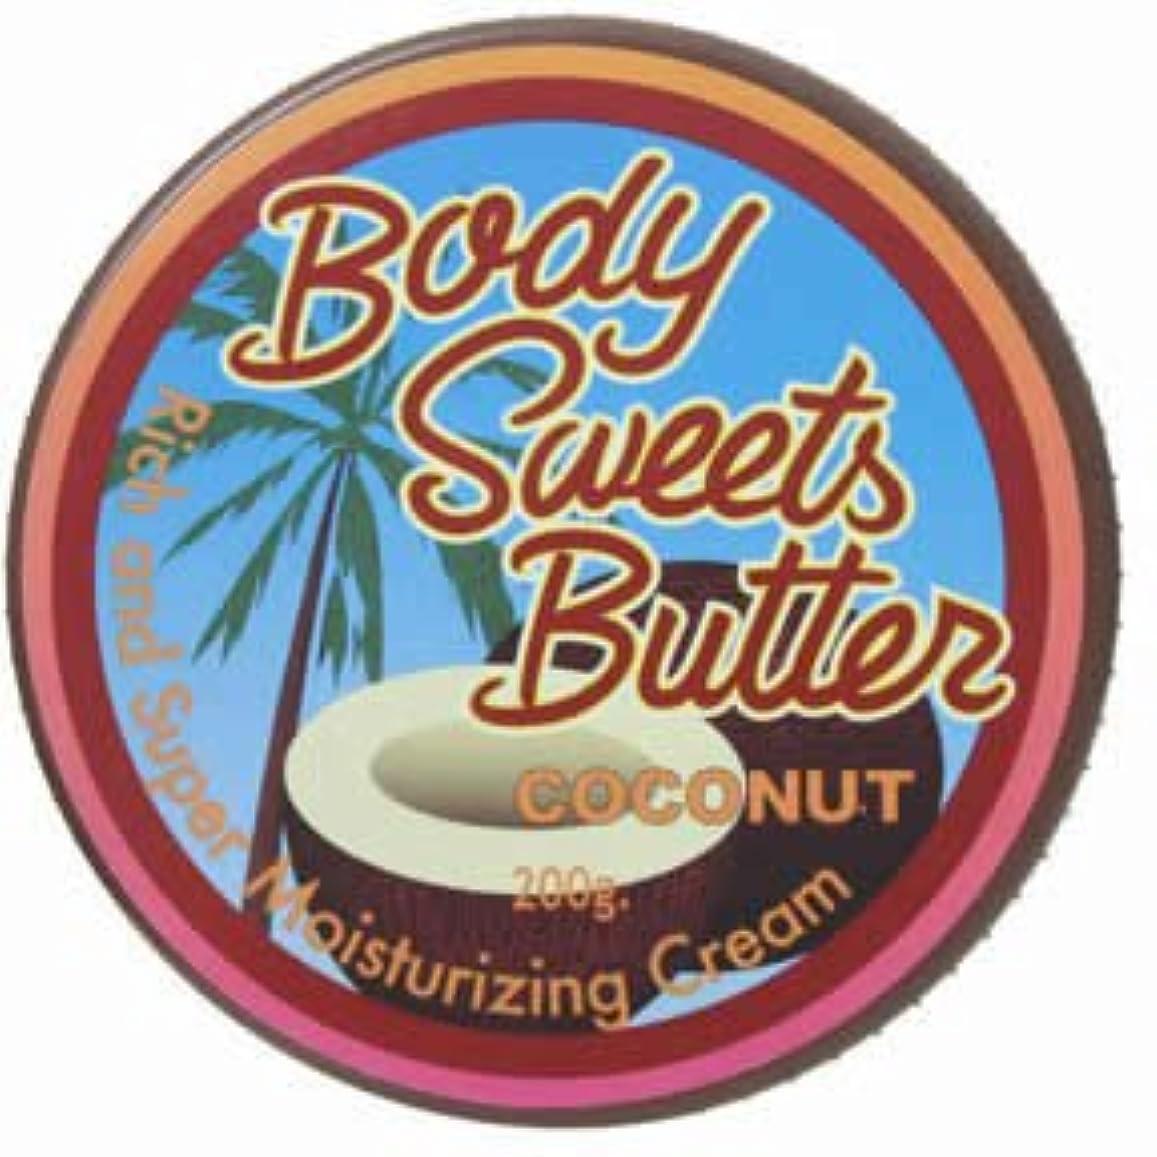 共和国しばしば鈍いミニード ボディスイーツバター ココナッツ 200g